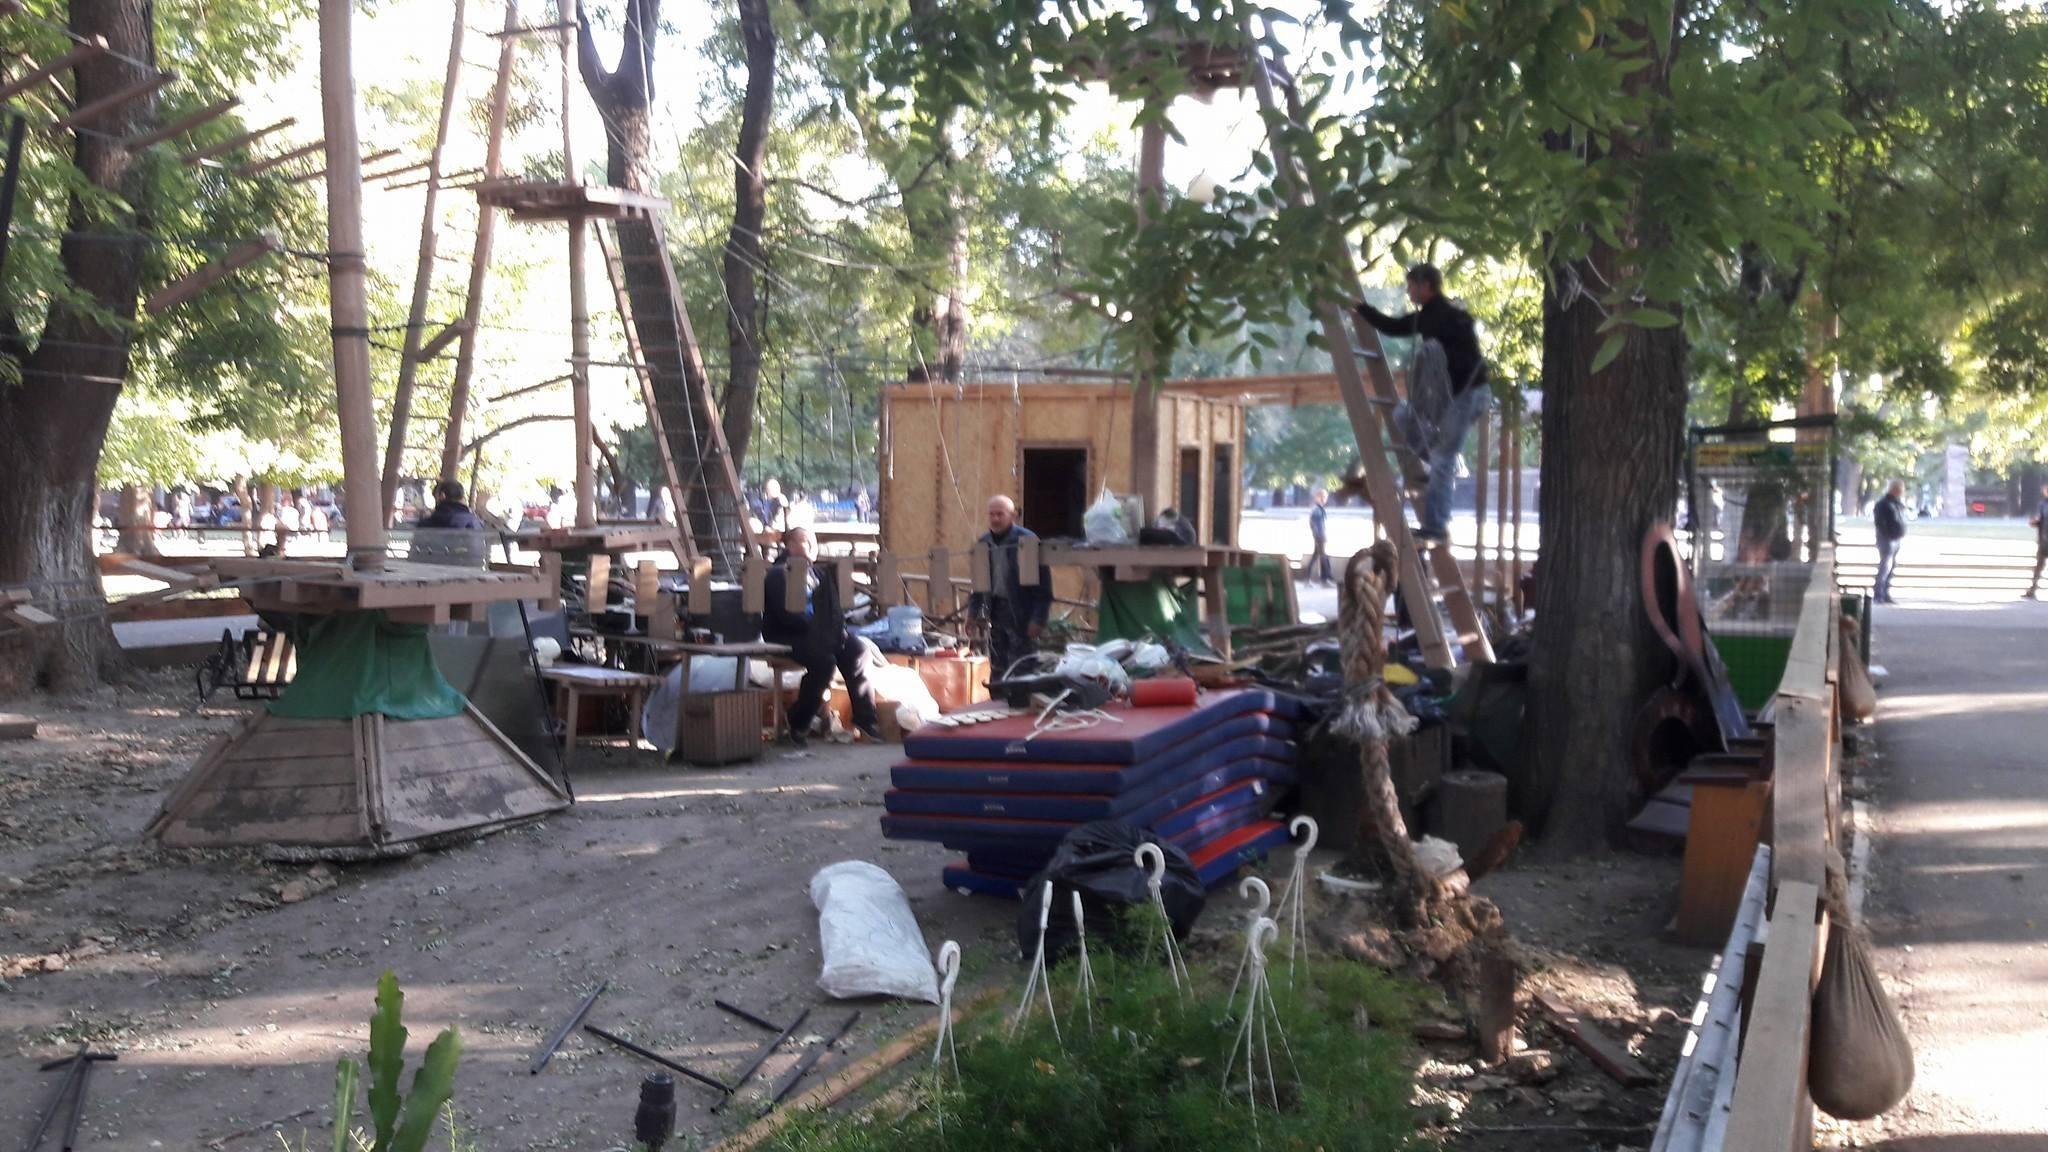 Мэрия Одессы решила закрыть веревочный парк «Летучий голландец» в центре города